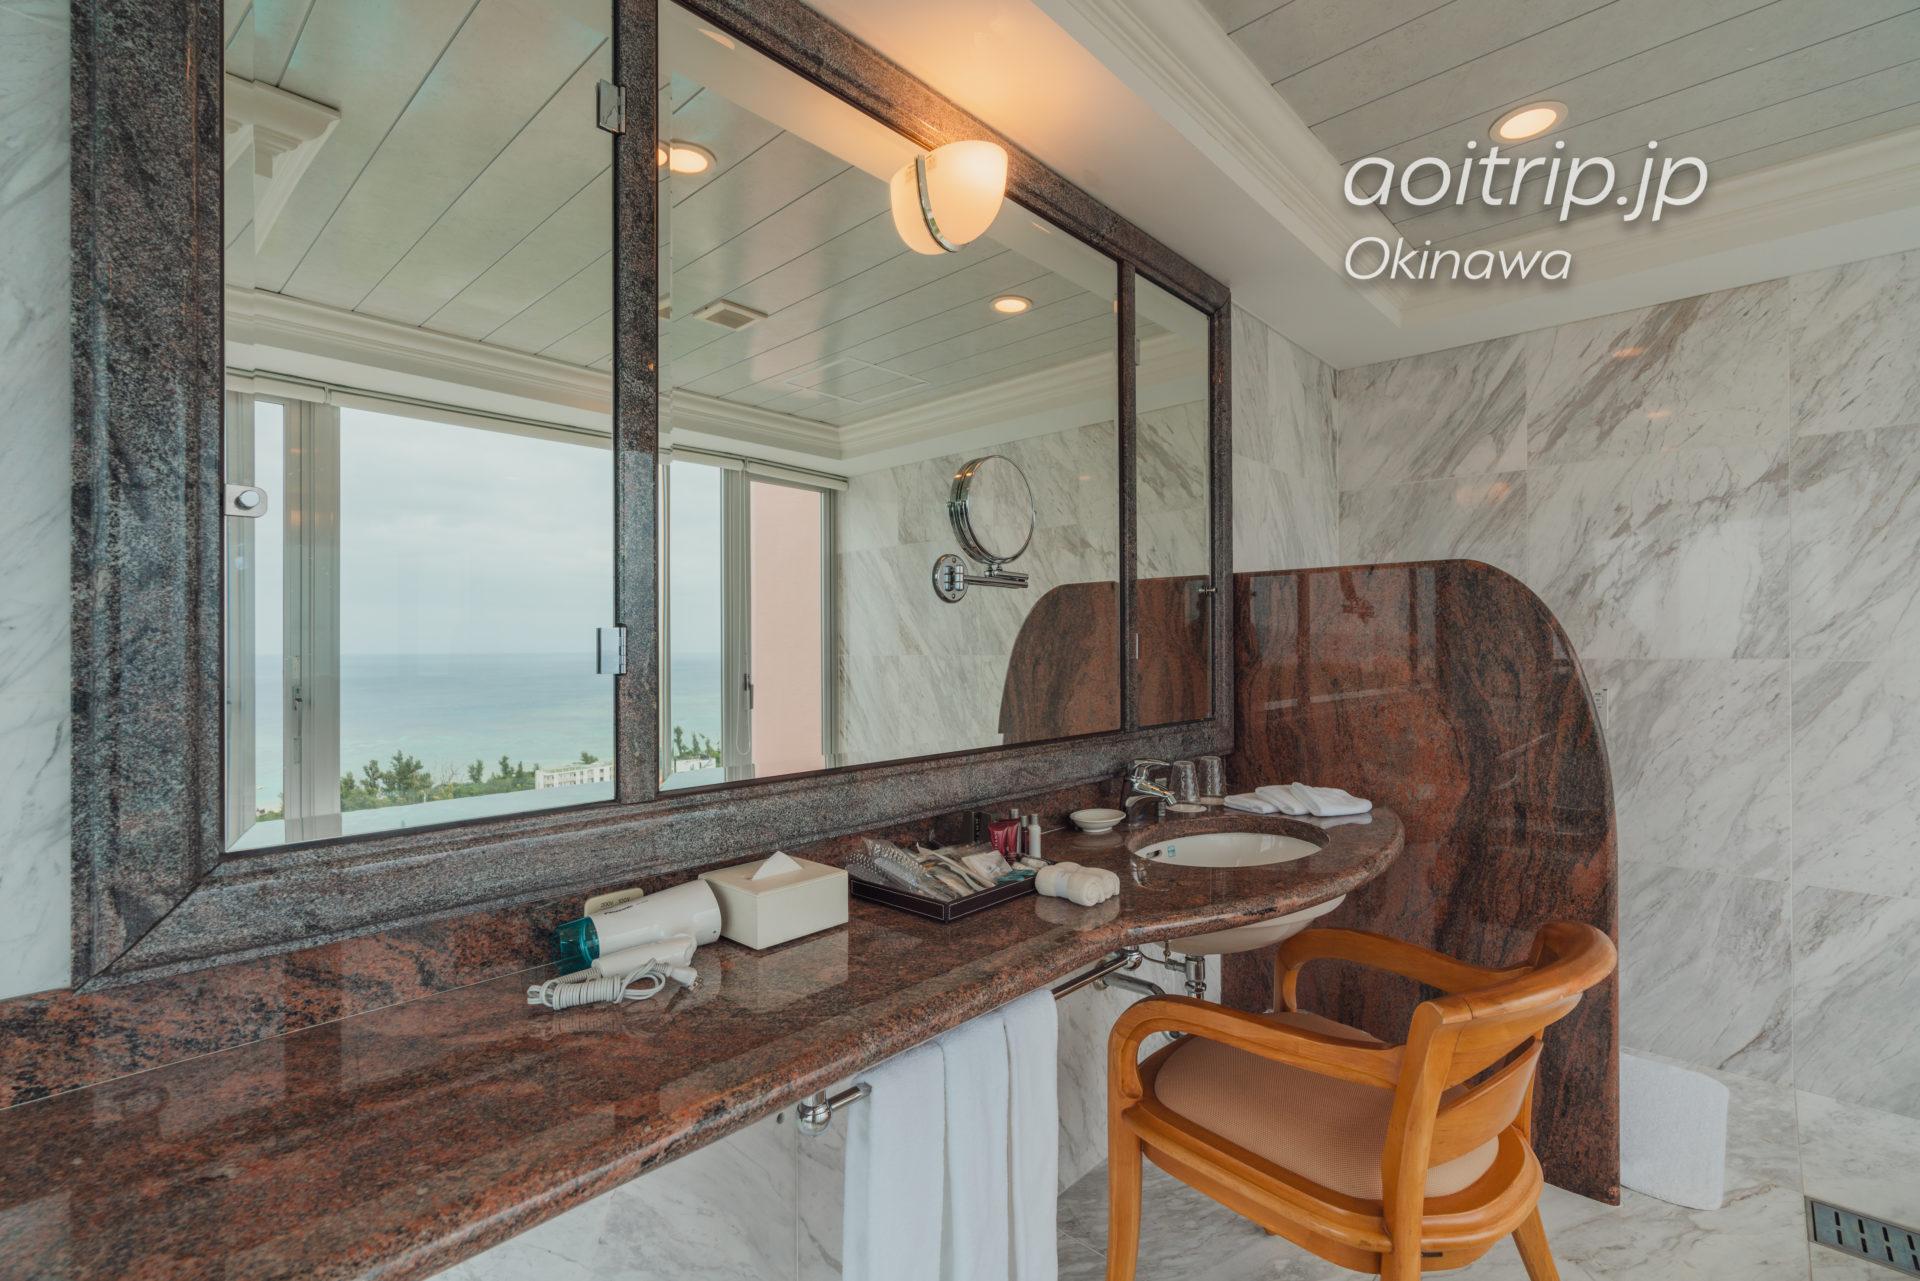 オキナワ マリオット リゾート & スパの洗面台